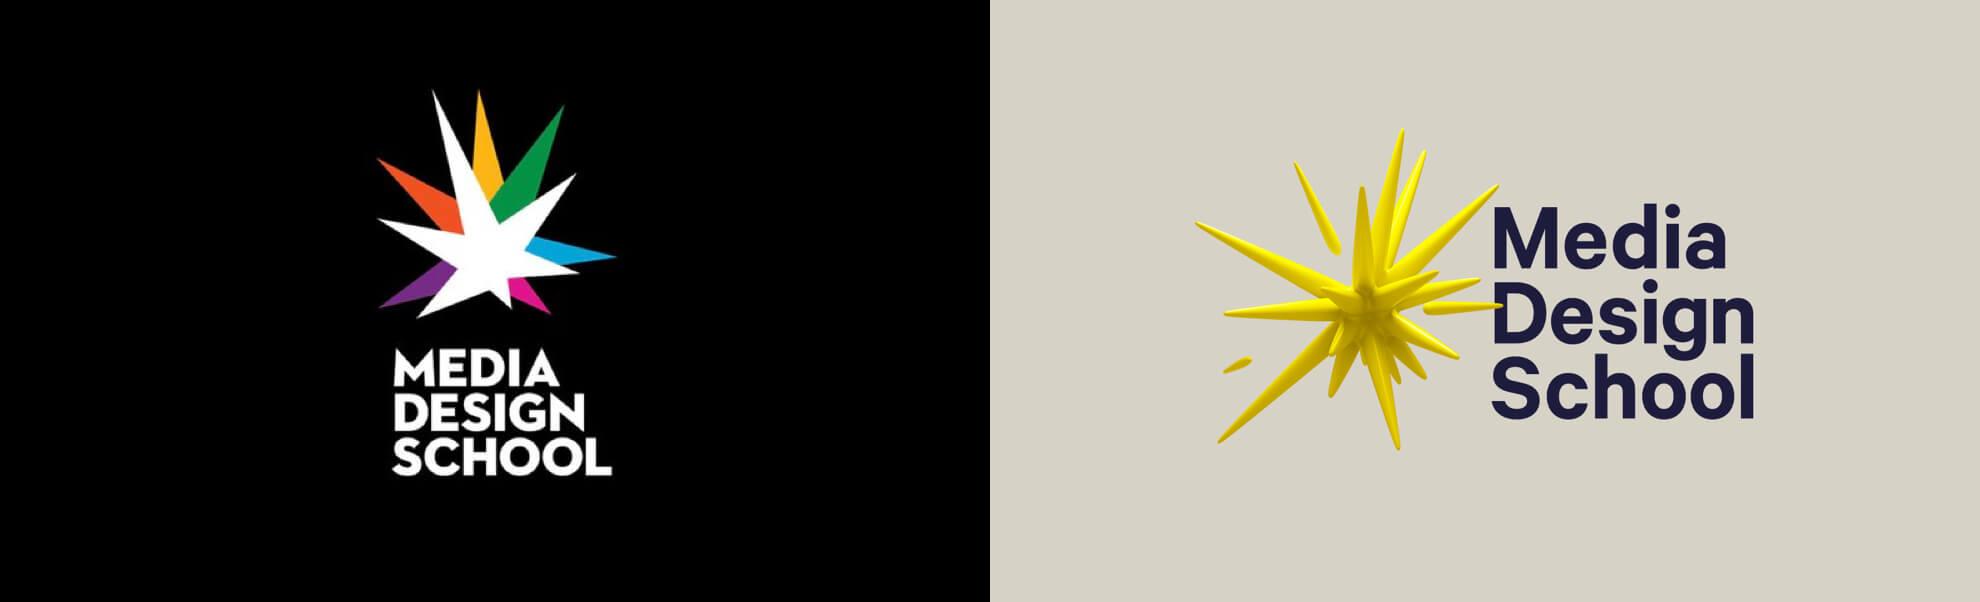 Stare inowe logo media design school znowej zelandii